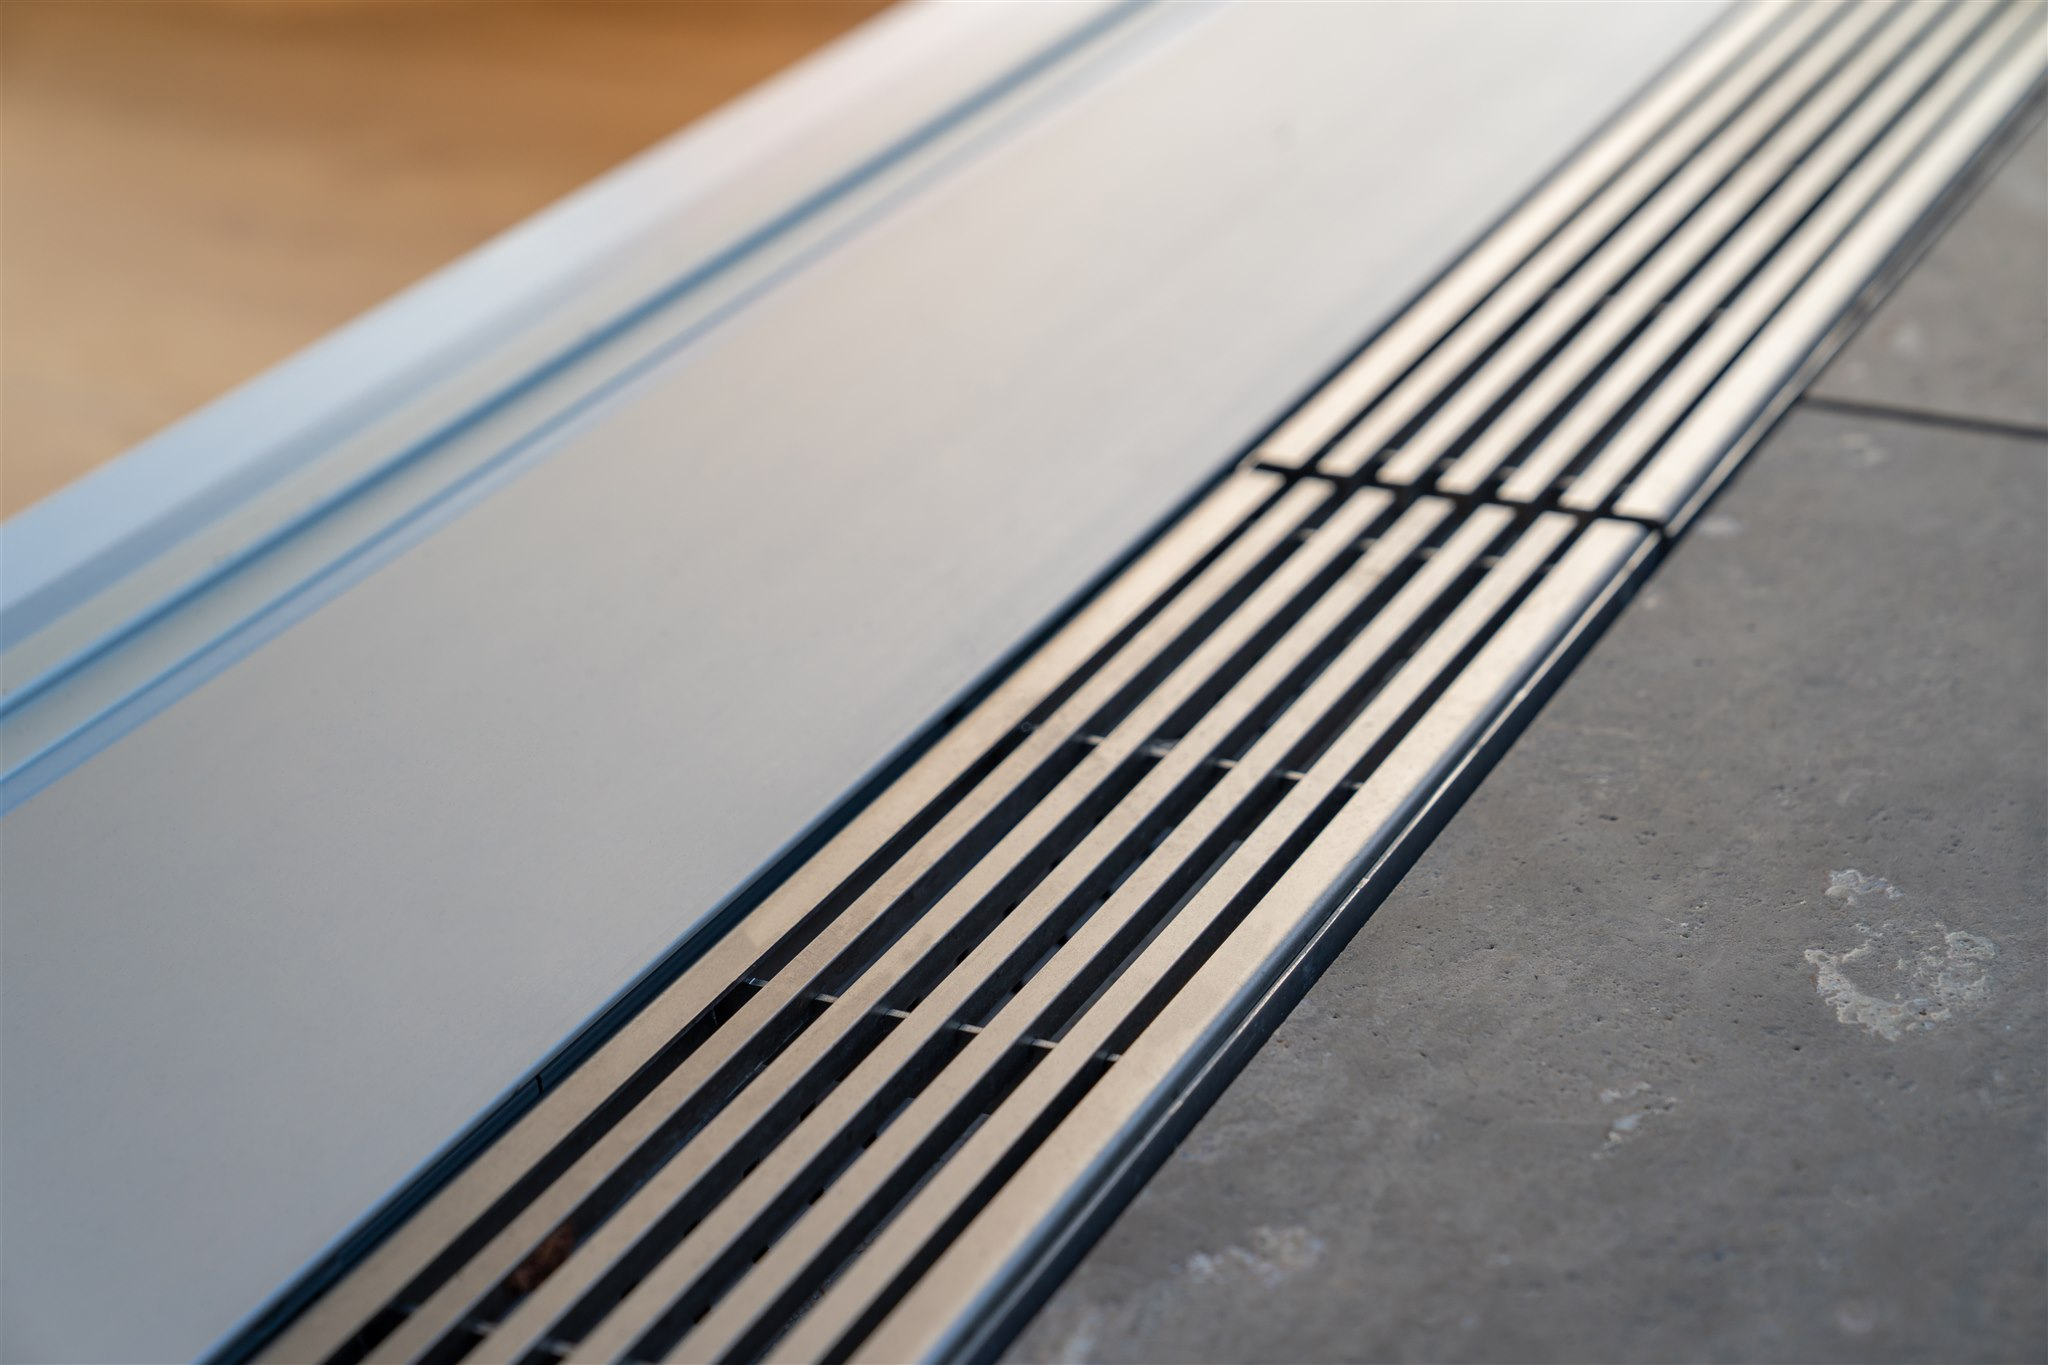 Sarger Architekten: Energetische Sanierung eines mehrgeschossigen Wohngebäudes mit 35 Wohneinheiten in München. Umbau und Sanierung einer vorhandenen Penthouse Wohnung sowie Dachgeschossausbau eines vorhandenen Speichers zu einer Wohneinheit